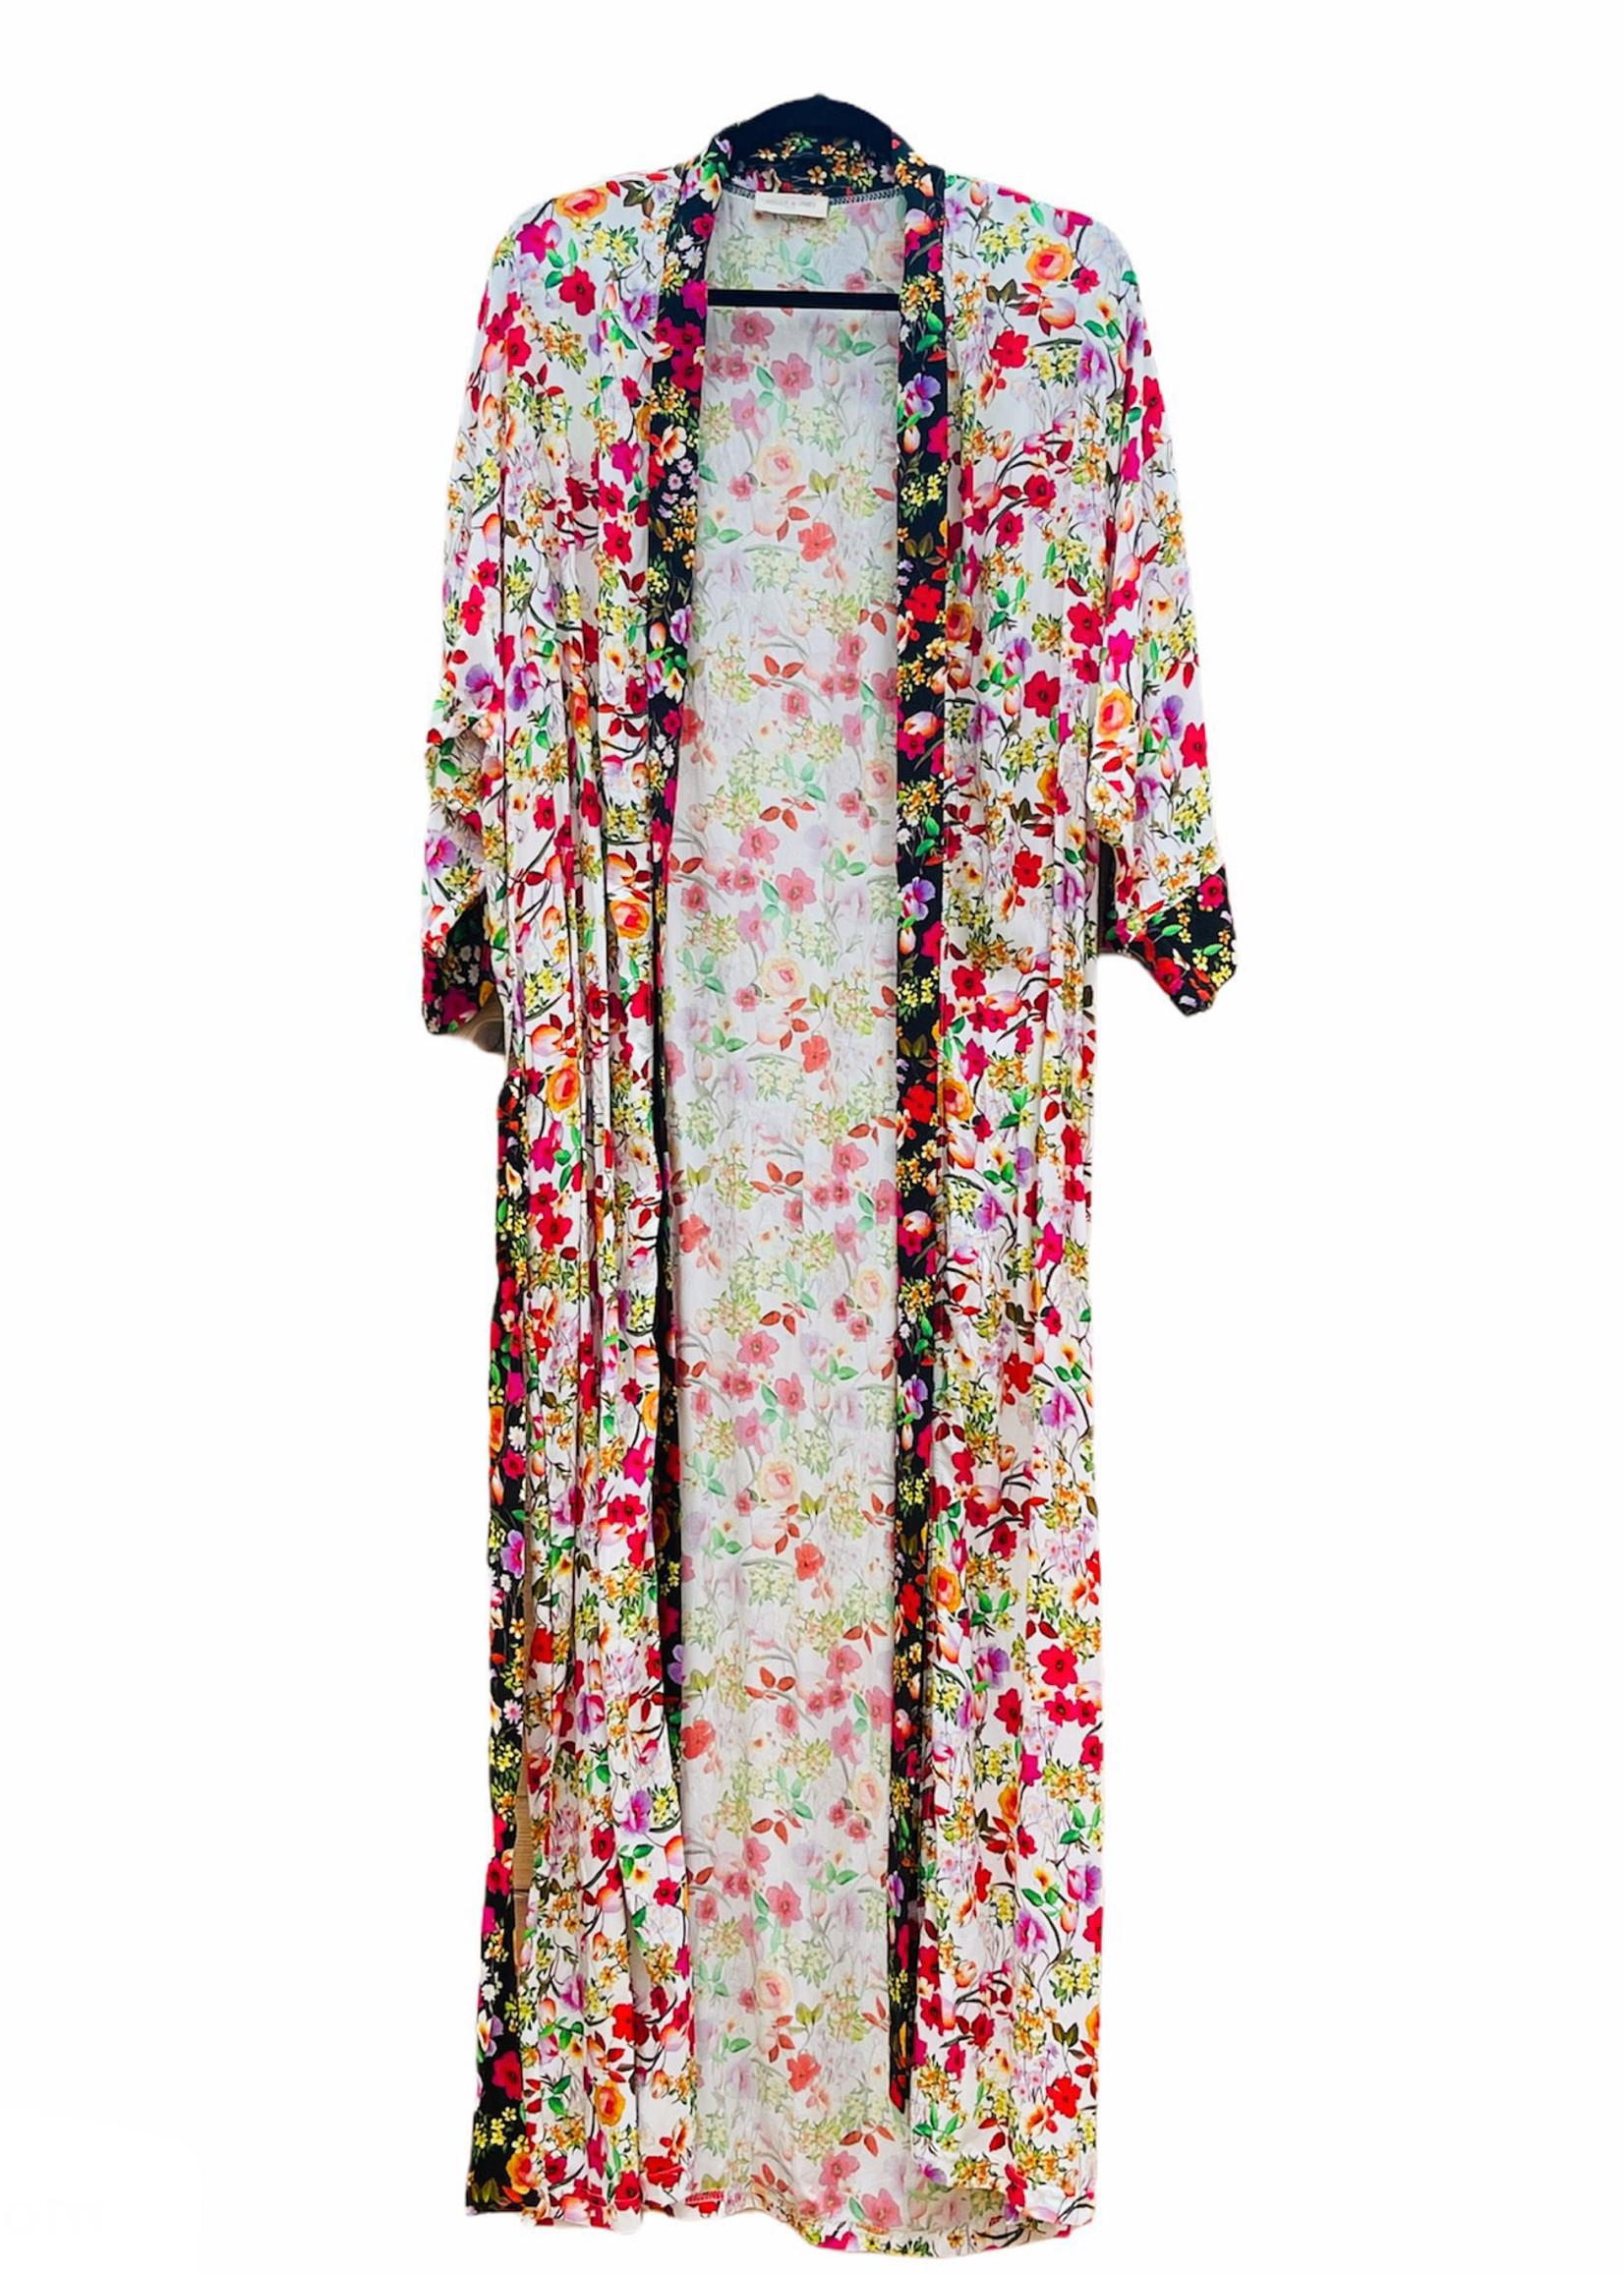 Guts & Goats Milly 1 Kimono